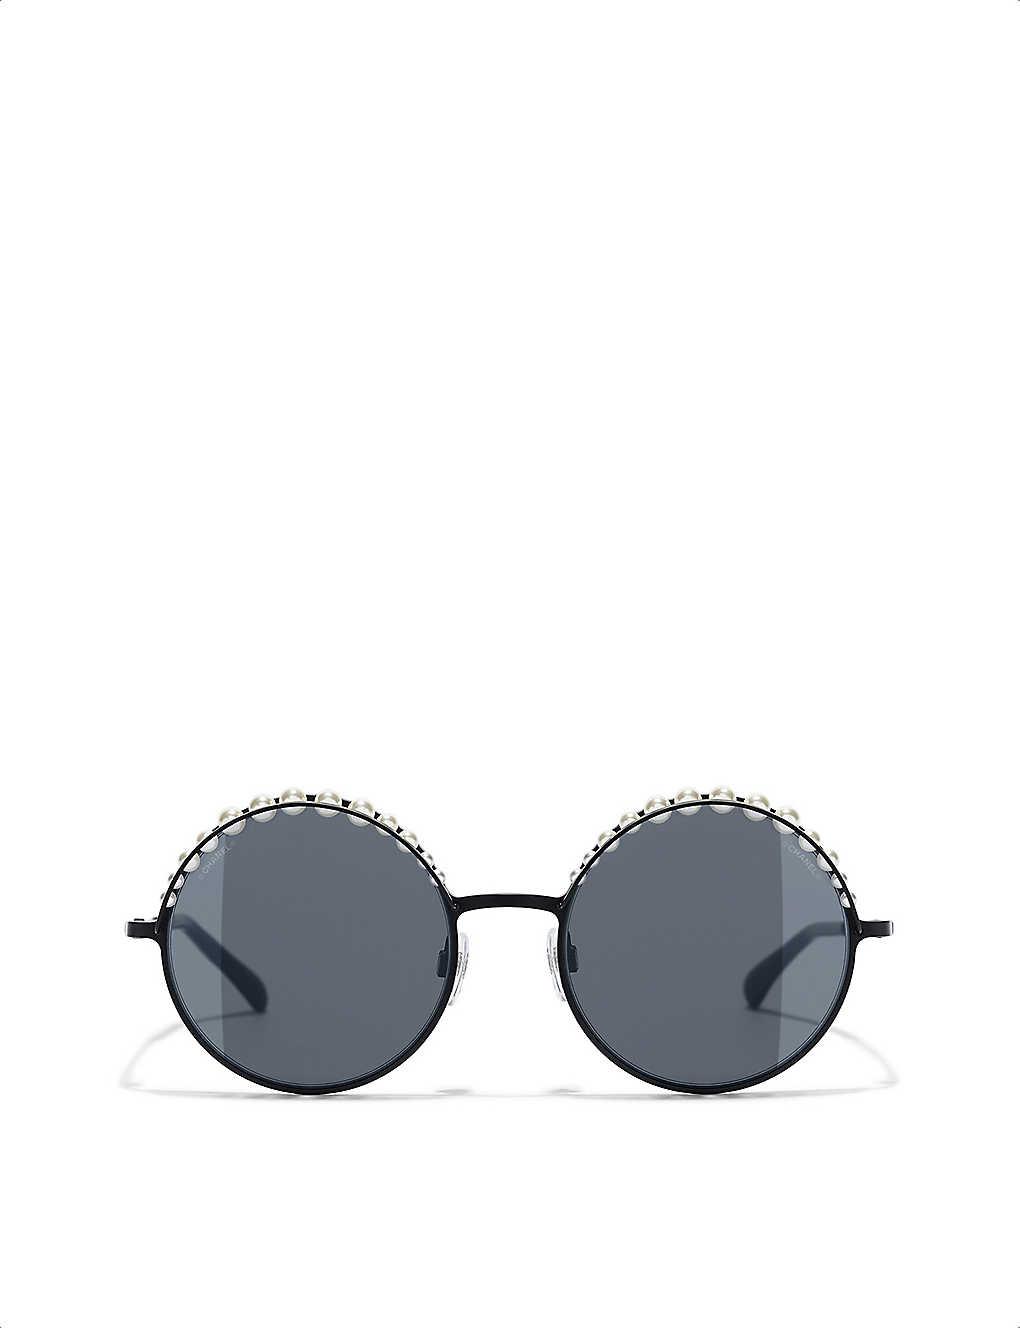 5b9aeb3b549b Round pearl-detail sunglasses - Matte black ...